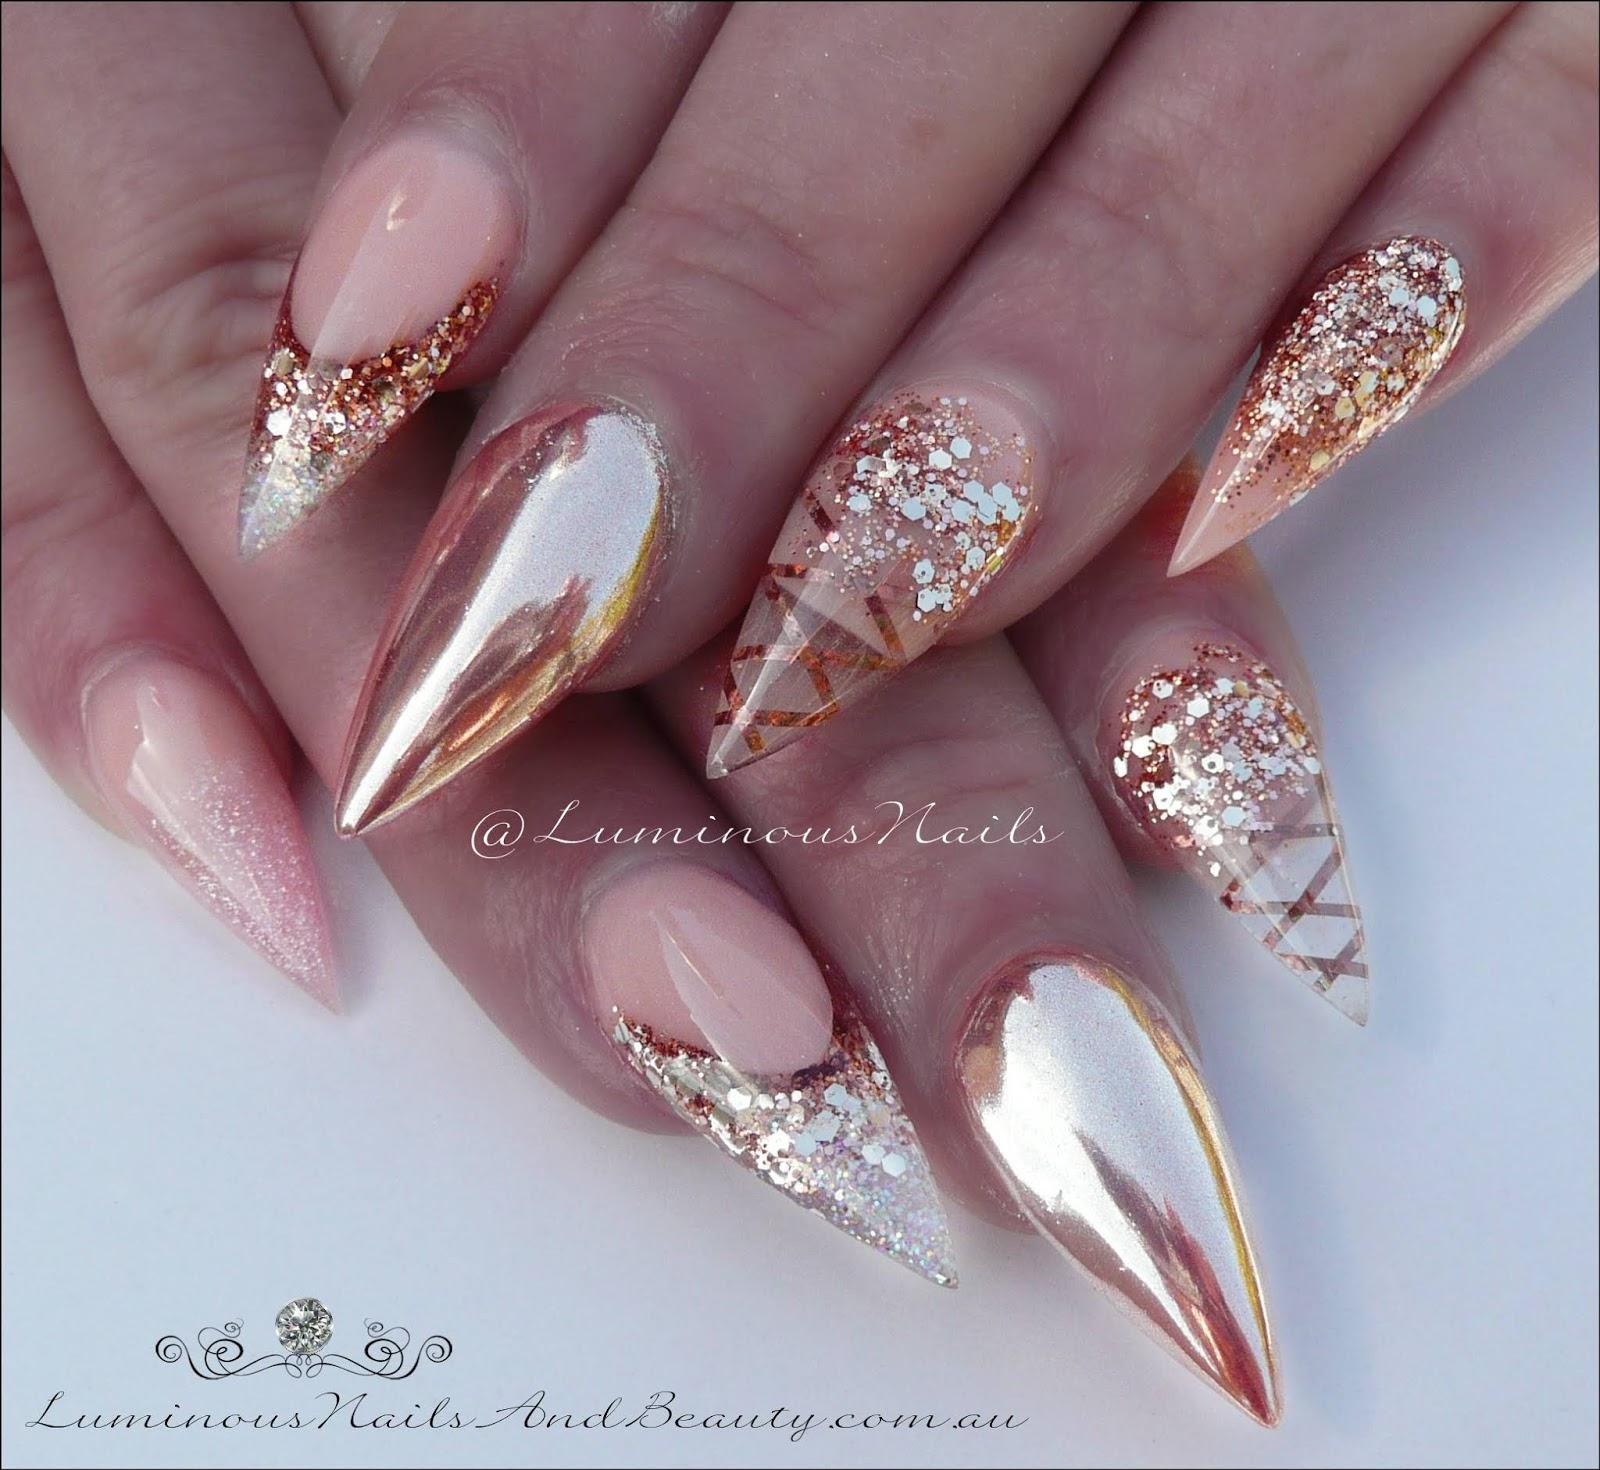 24c66b542bc0 50+ Great Stiletto Chrome Nails - best nail art